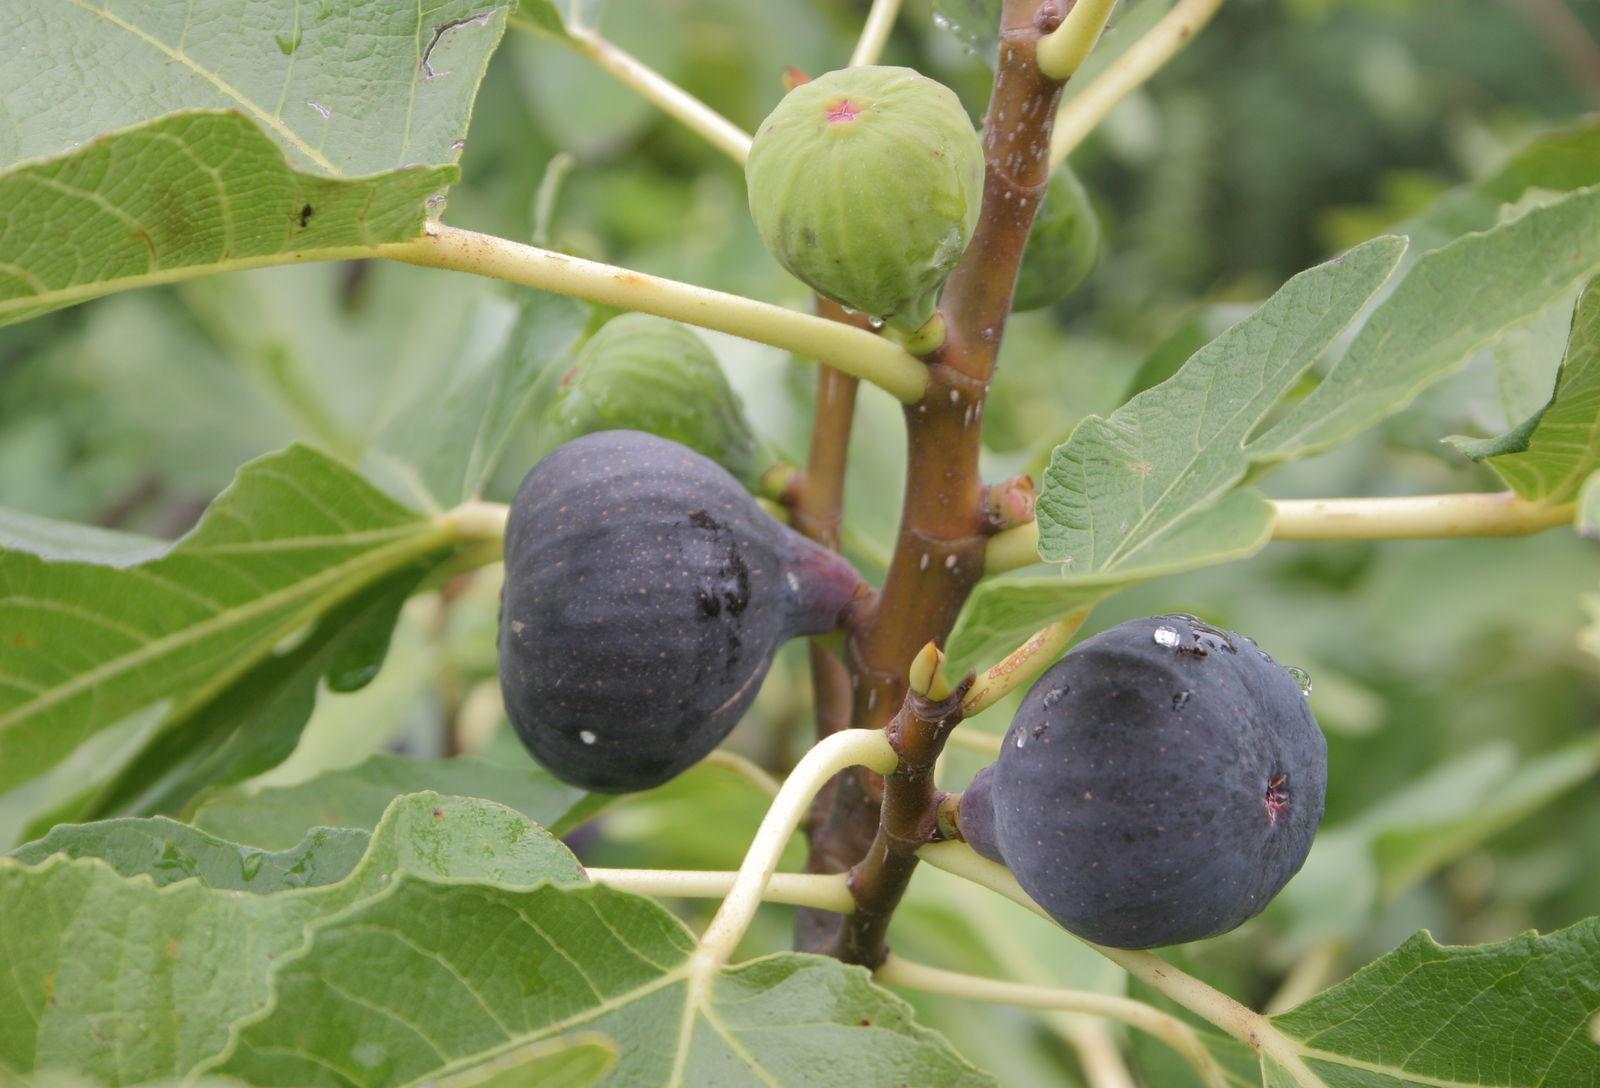 Csak a teljesen érett füge élvezhető gyümölcs, akkor szedjük le, amikor megpuhult